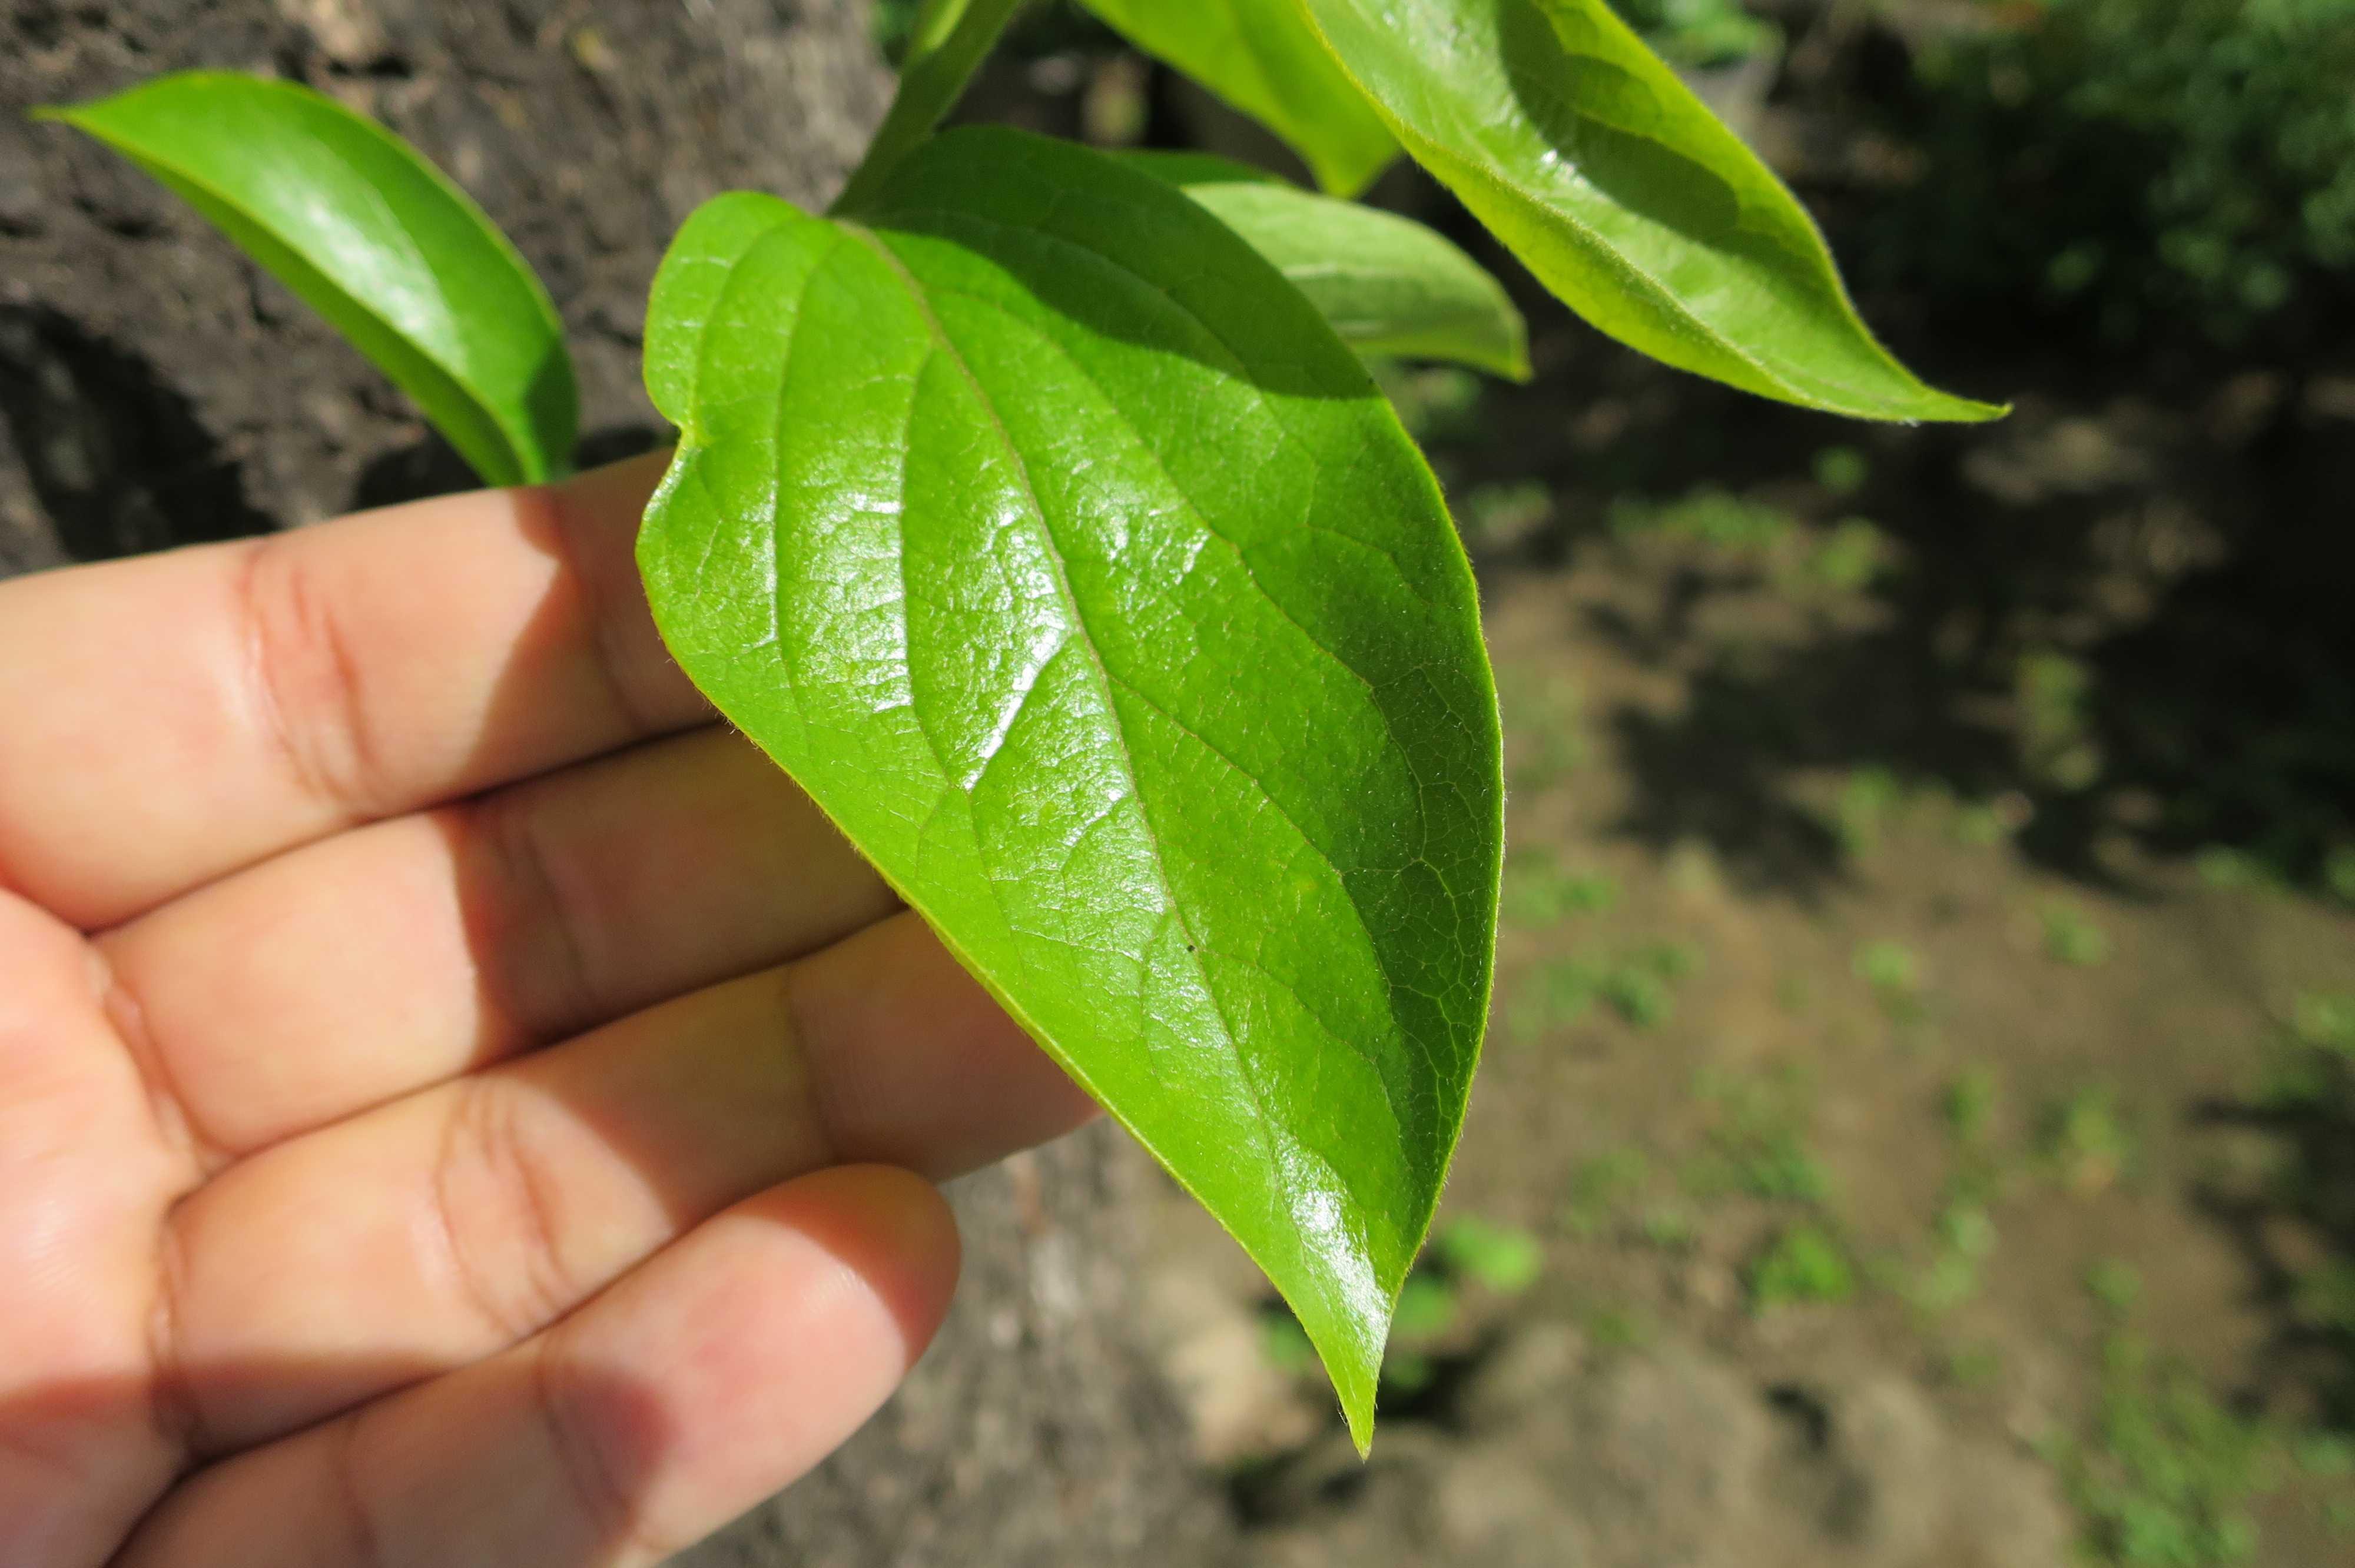 岡上の禅寺丸柿の葉っぱ